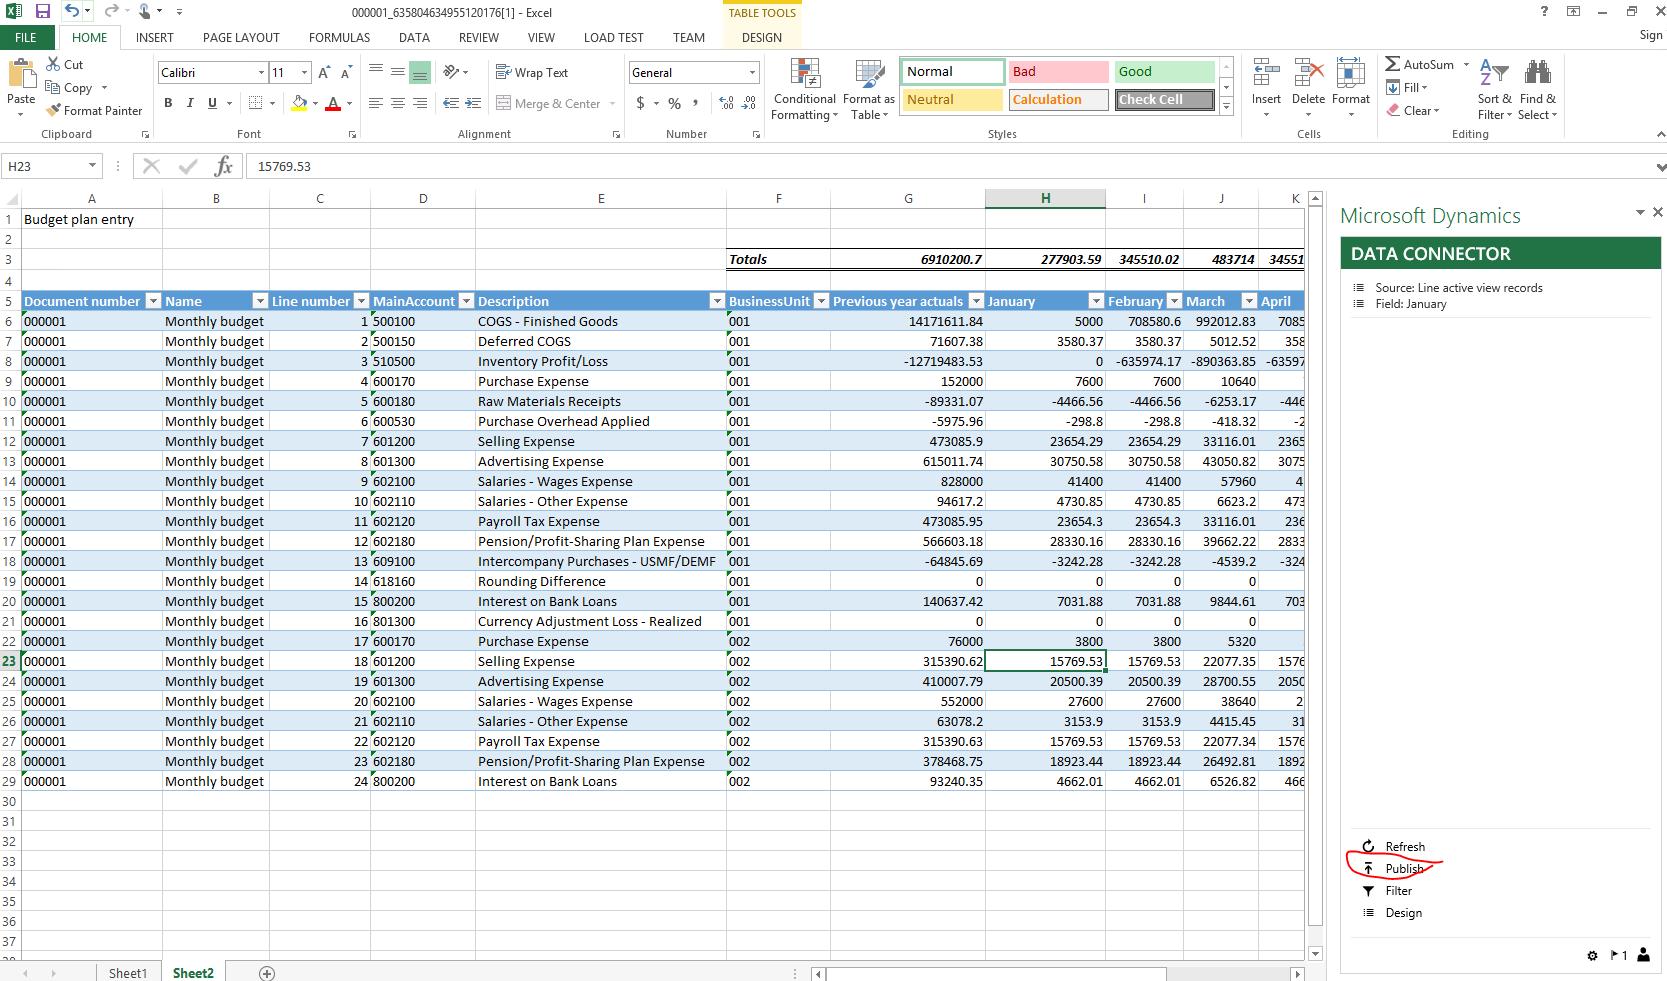 Planificación presupuestaria - Finance & Operations | Dynamics 365 ...